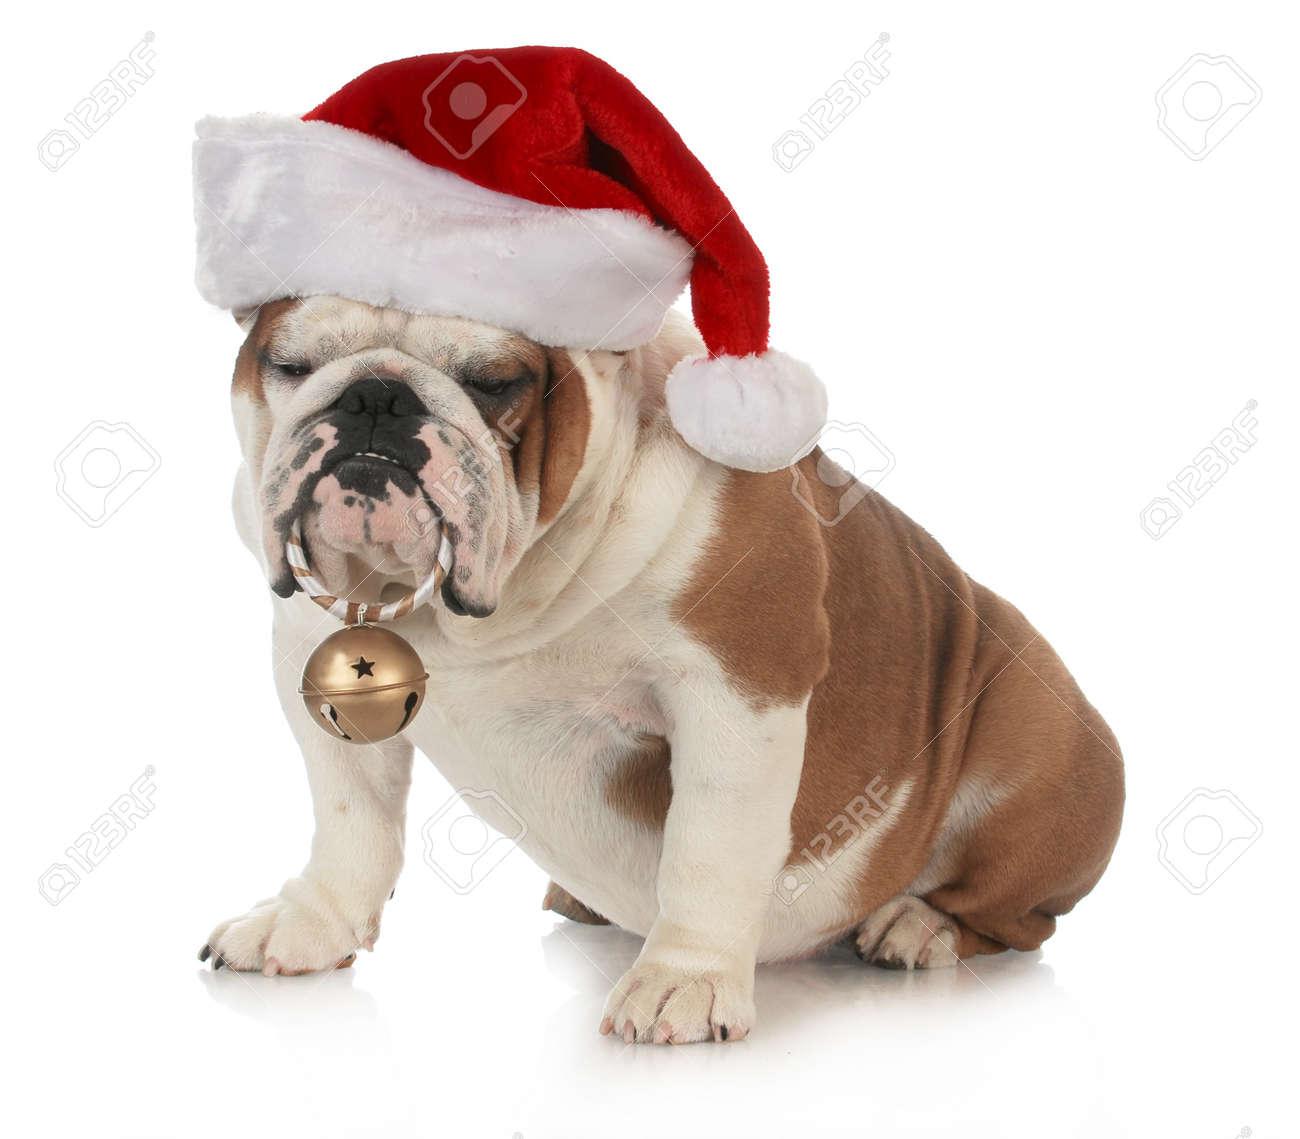 Weihnachtshund - Englische Bulldogge, Die Sankt-Hut Hält ...